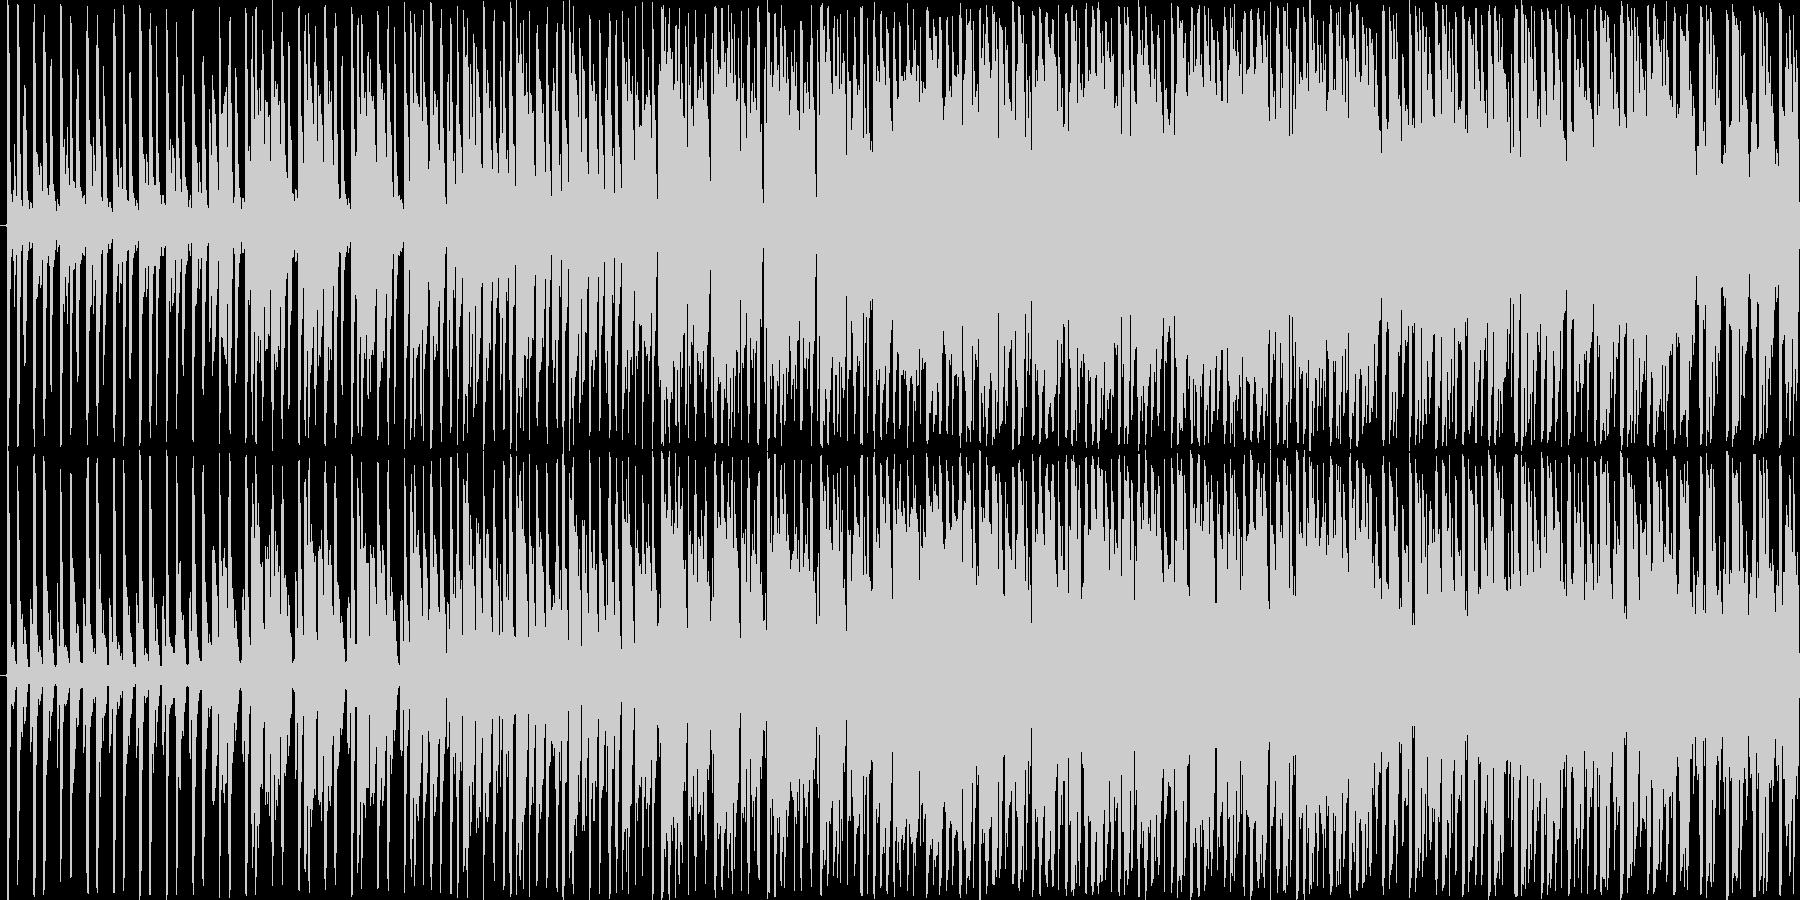 ボイスサンプルを切り刻んだ後半が印象的…の未再生の波形